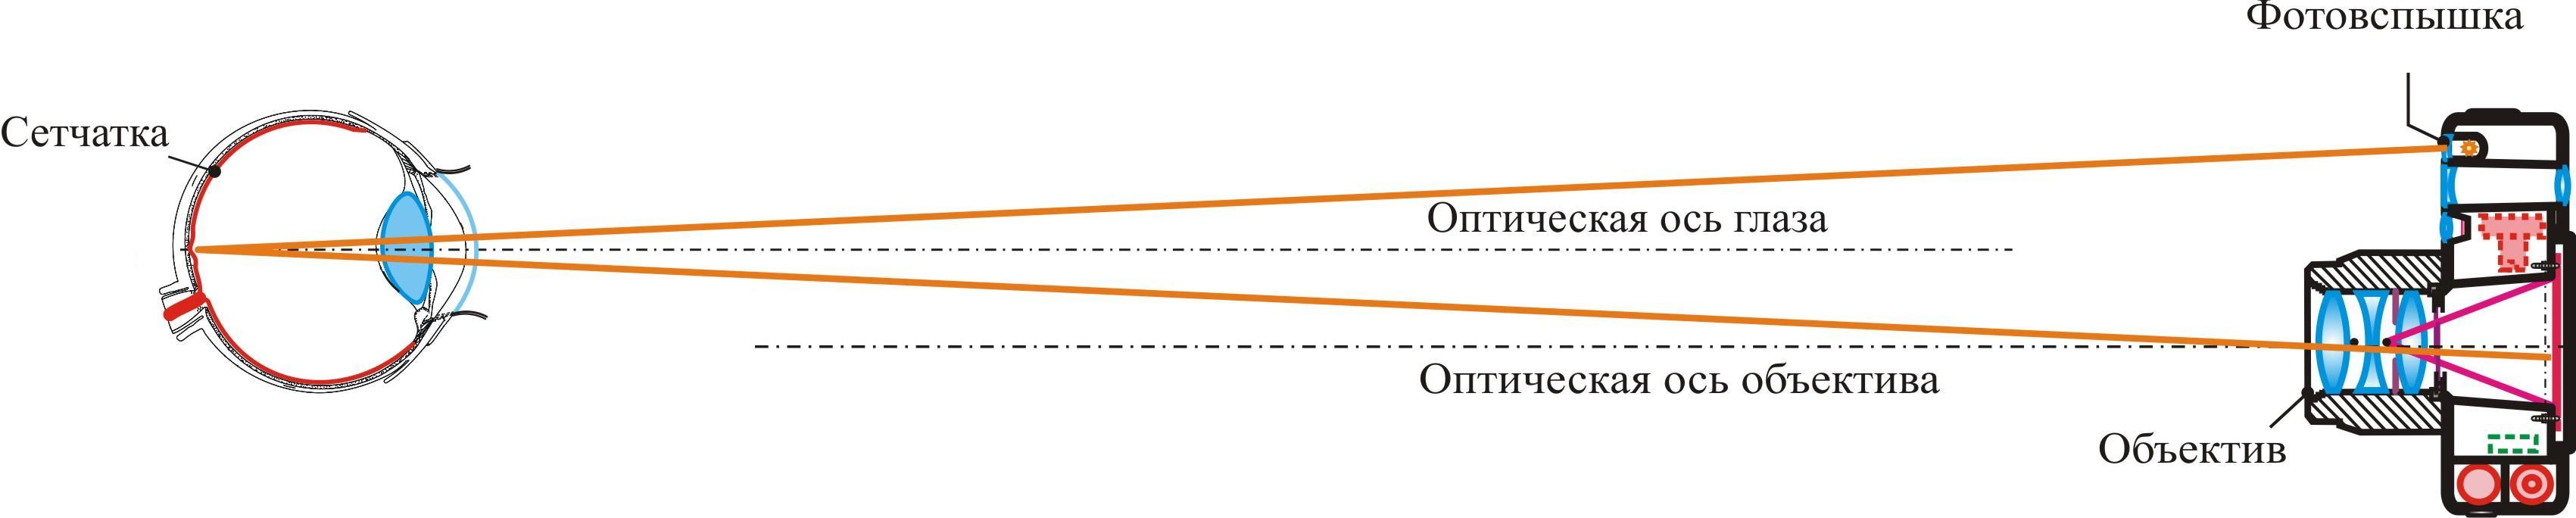 схема отражателя для встроенной вспышки